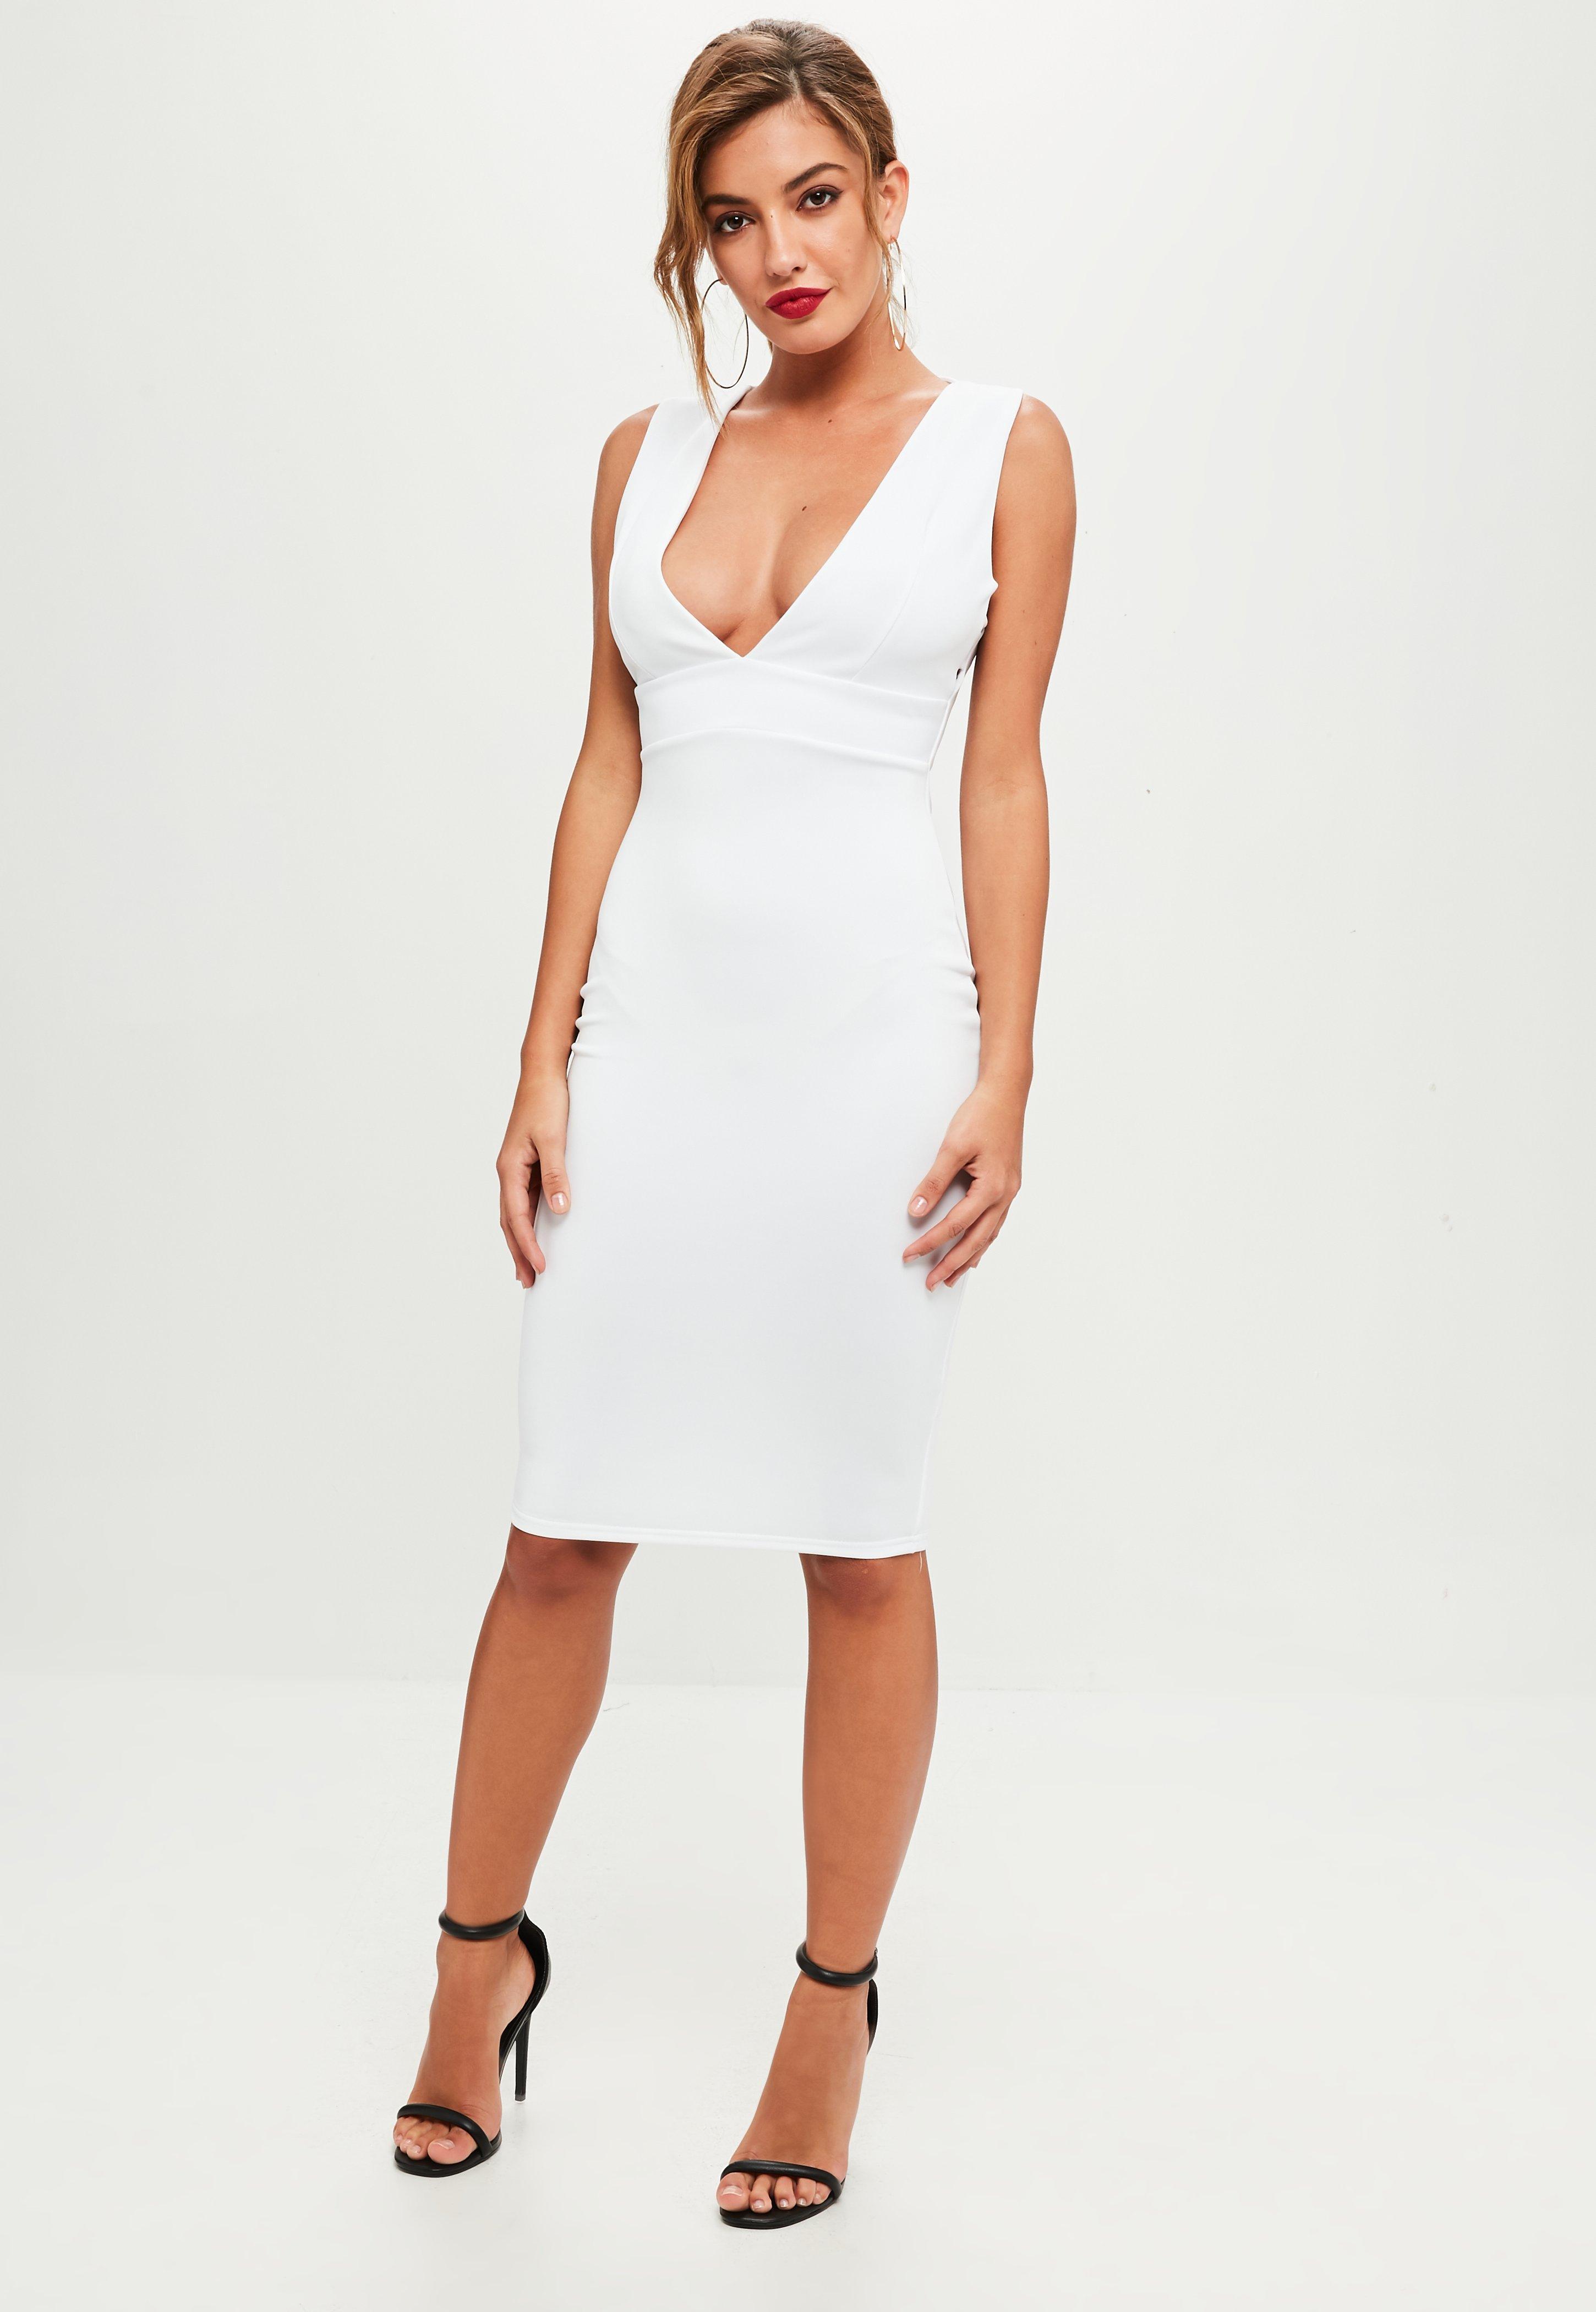 Deep V Neck Dress - Plunging Neckline Dresses | Missguided